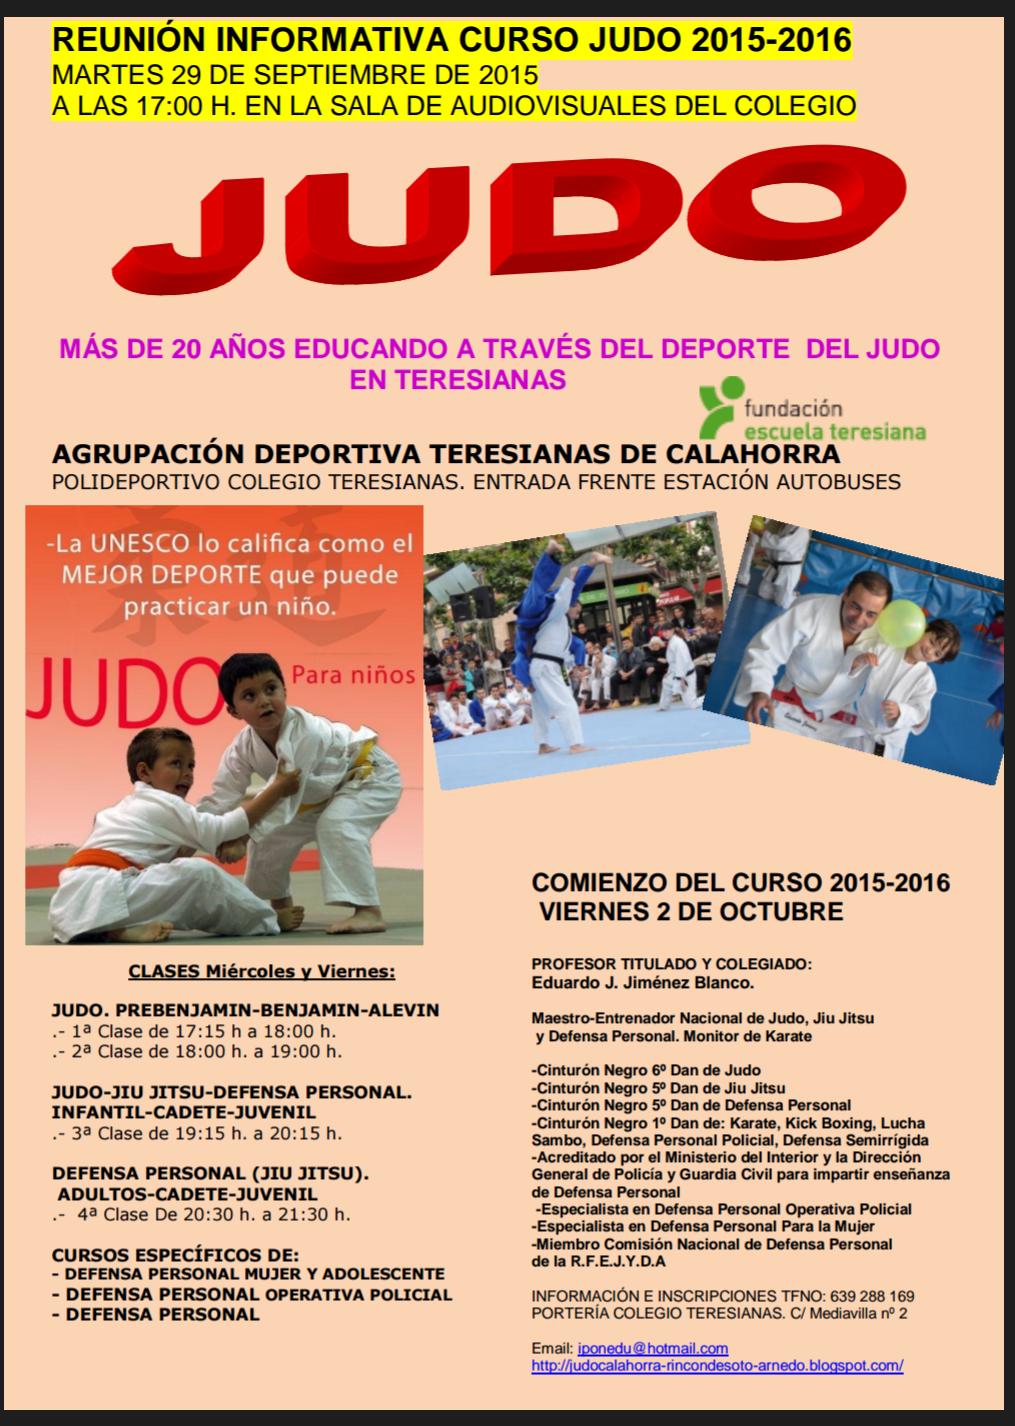 REUNIÓN INFORMATIVA JUDO TERESIANAS CURSO 2015-2016